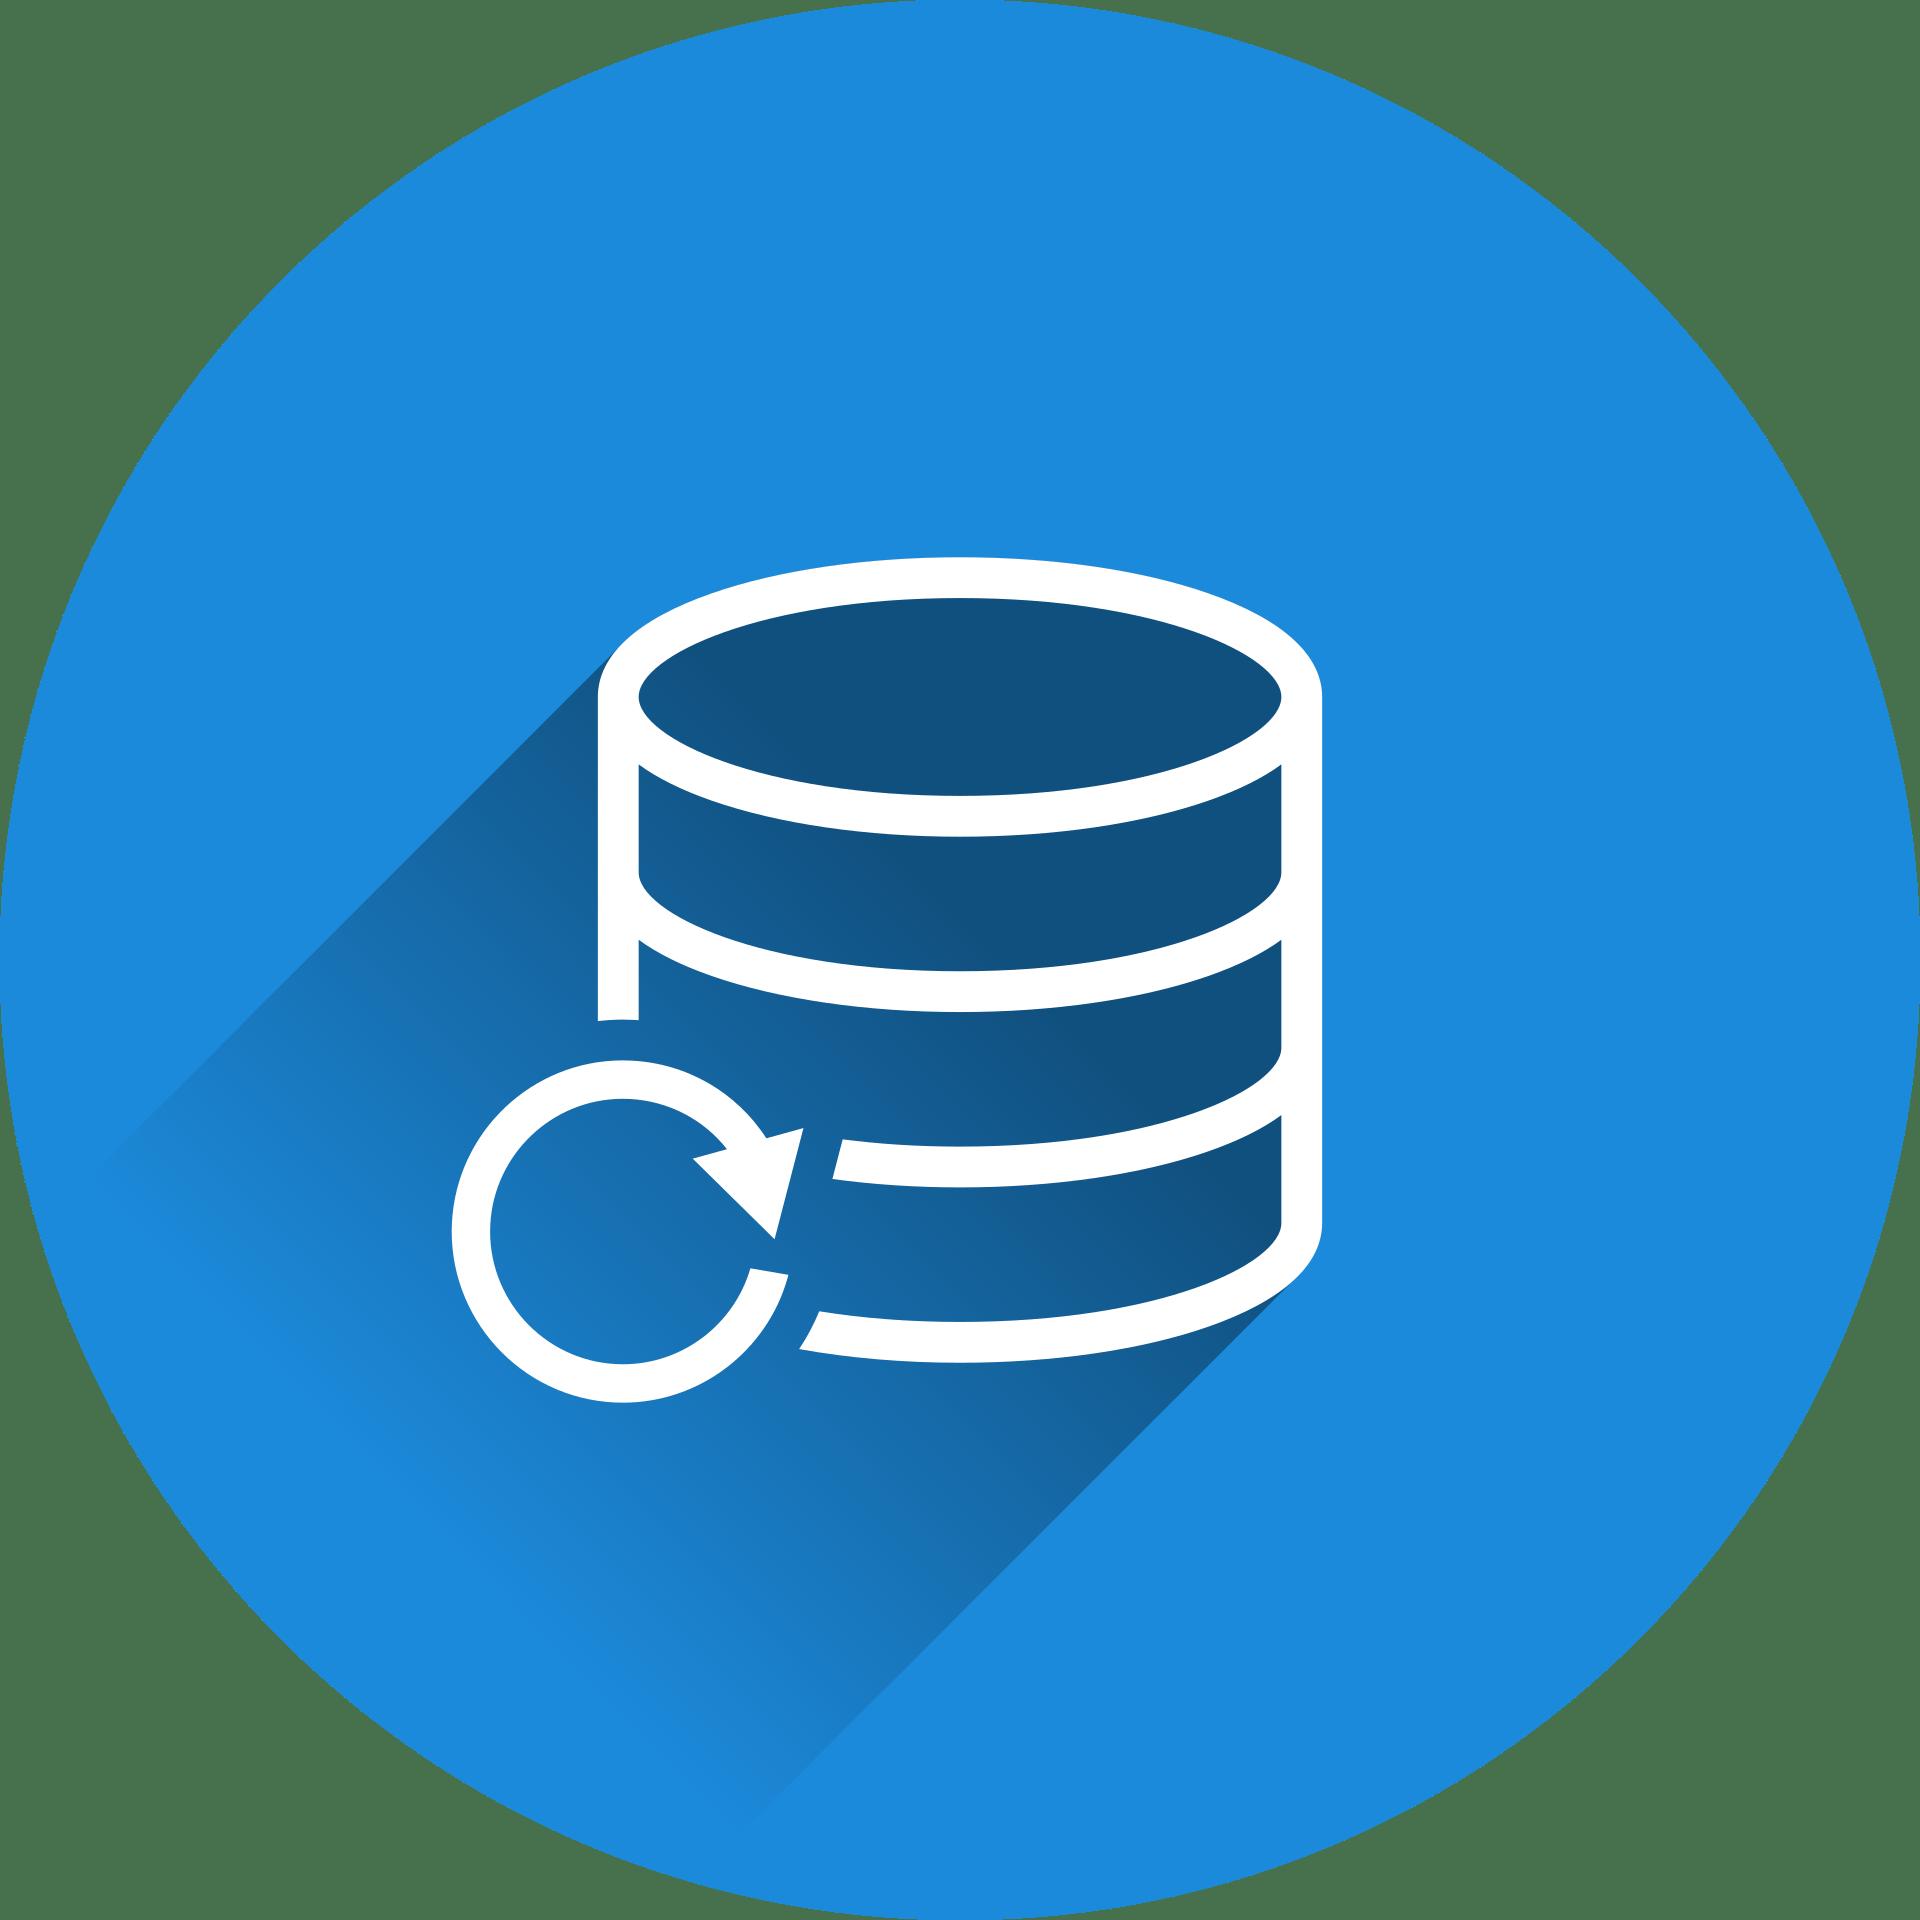 Kreative Kommunikation Agency Landing Page Raidboxes database 4941302